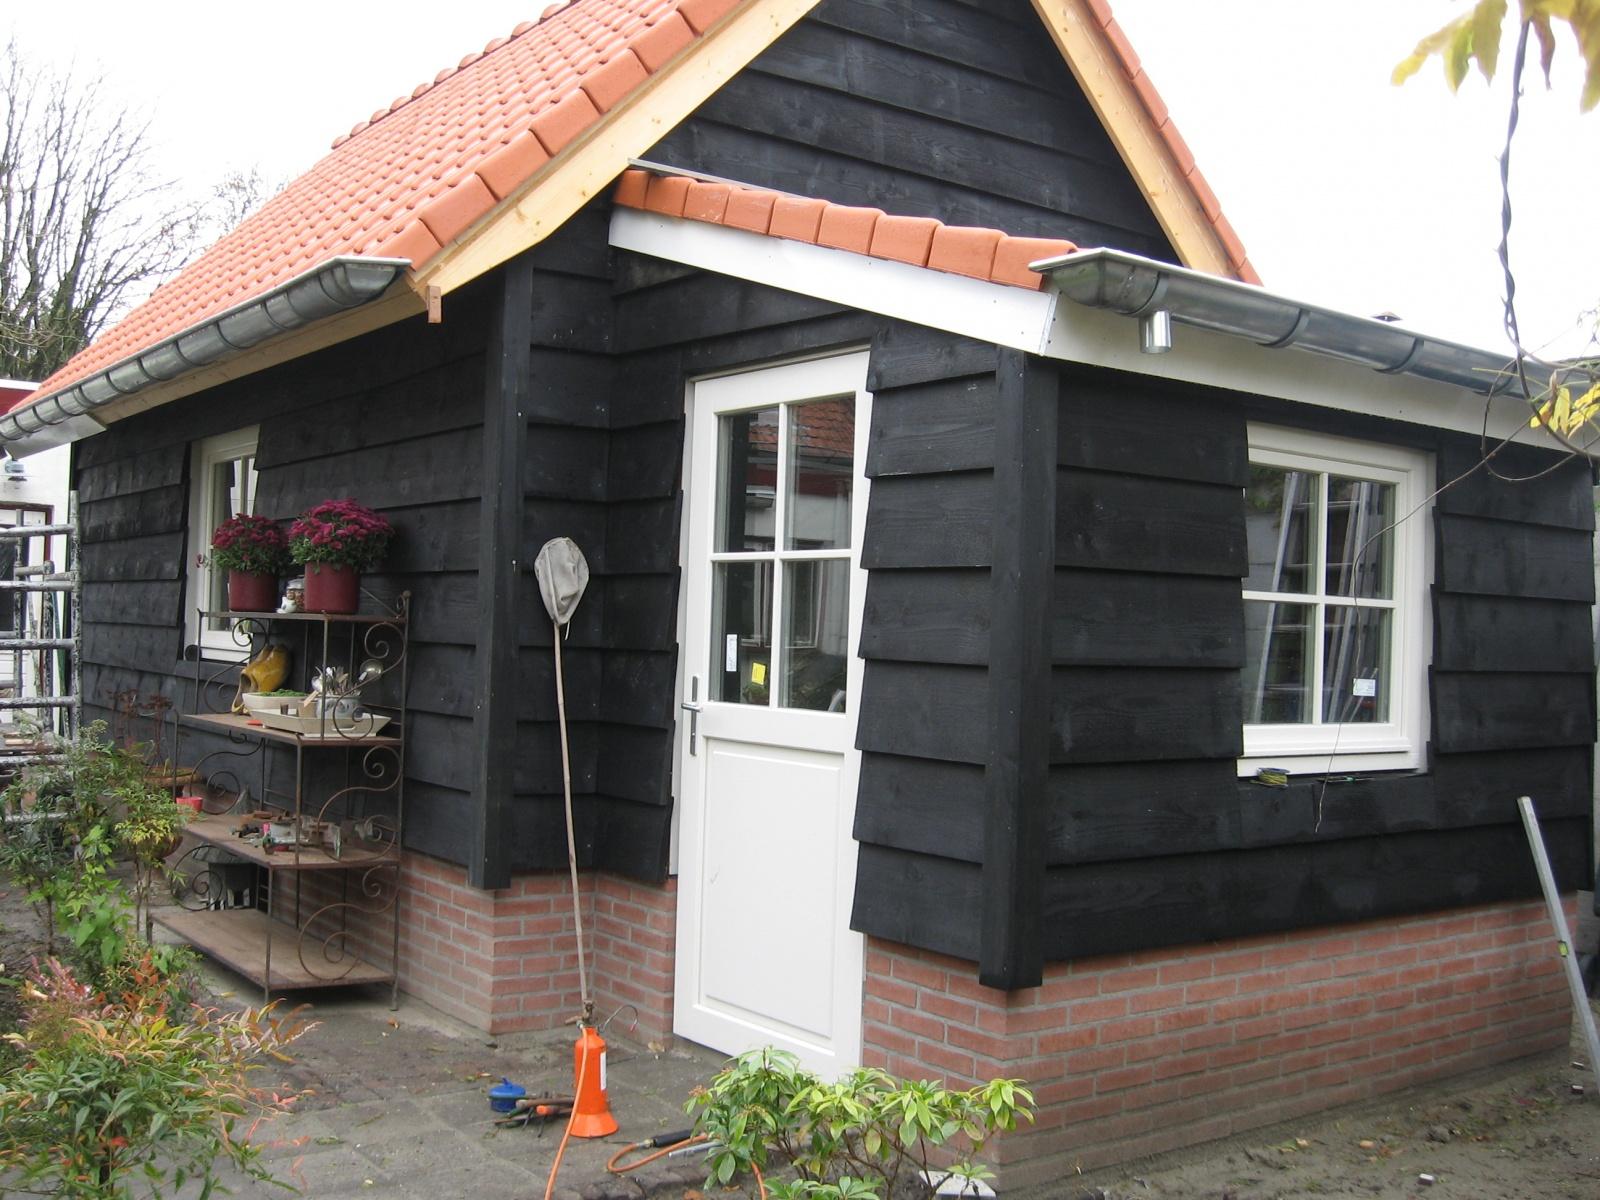 Prefab Schuur Steen : Home u e projecten u e berging tuinschuur nw dak en zijgevel sonke